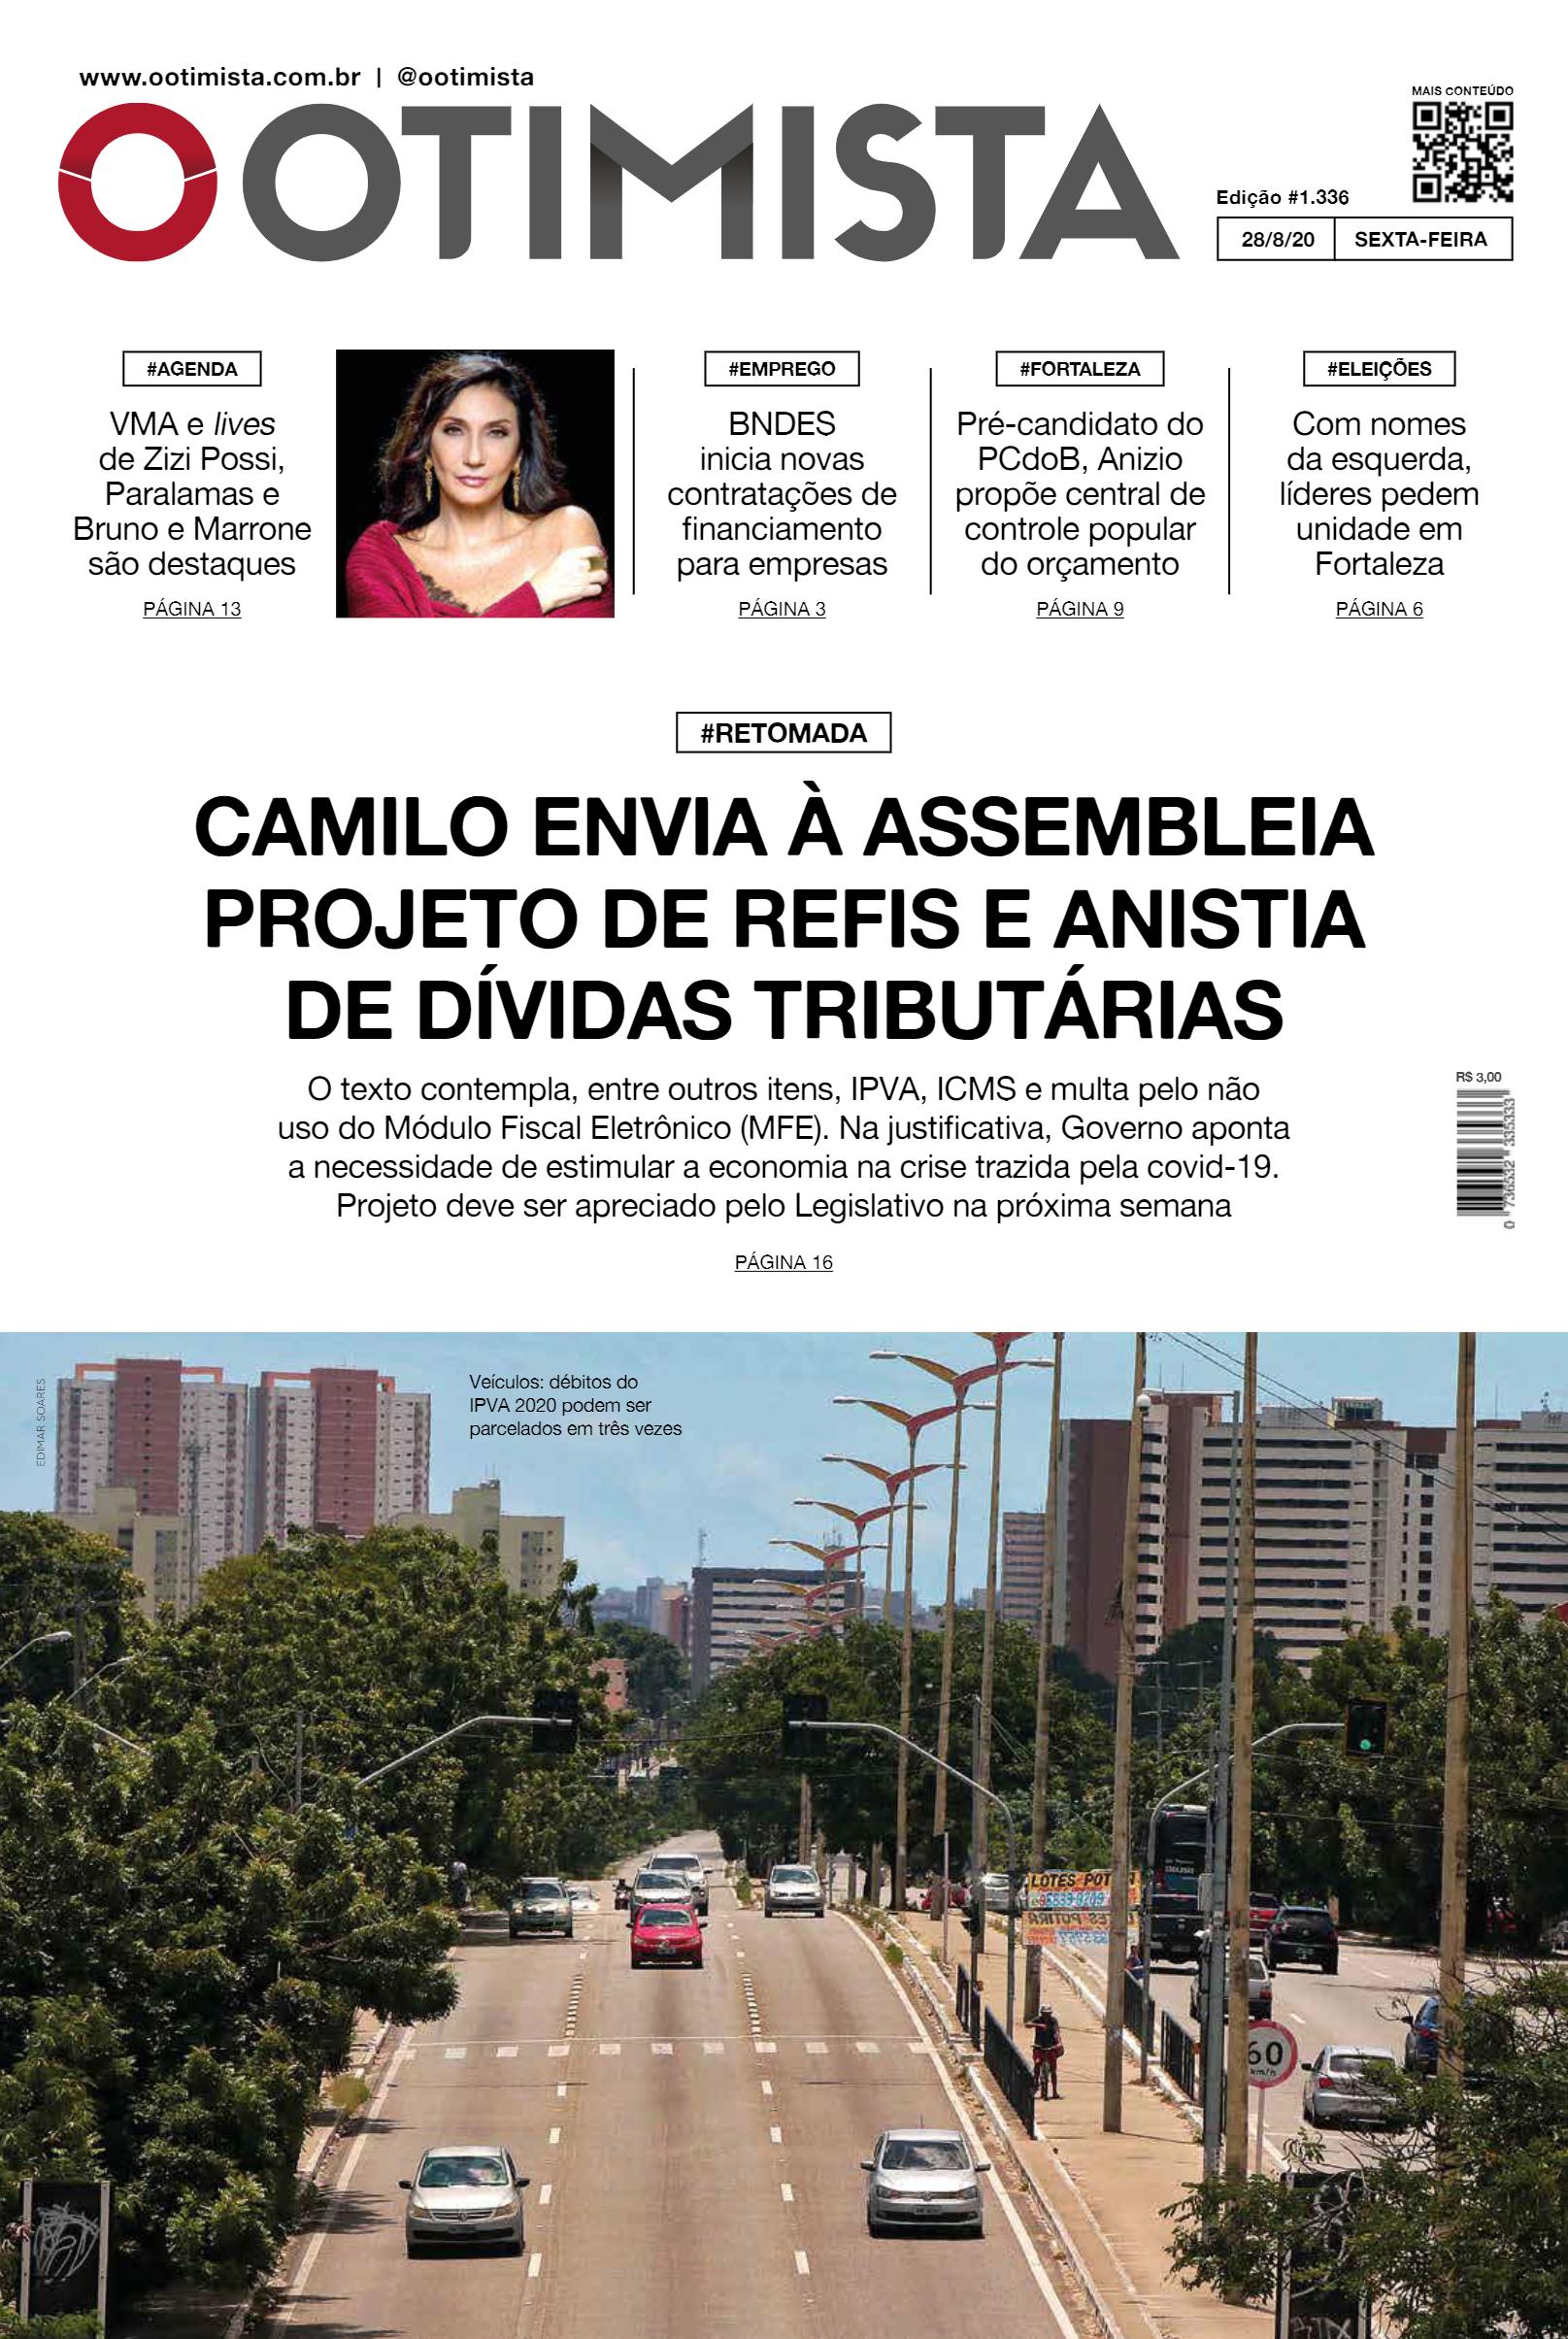 O Otimista - Edição impressa de 28/08/2020